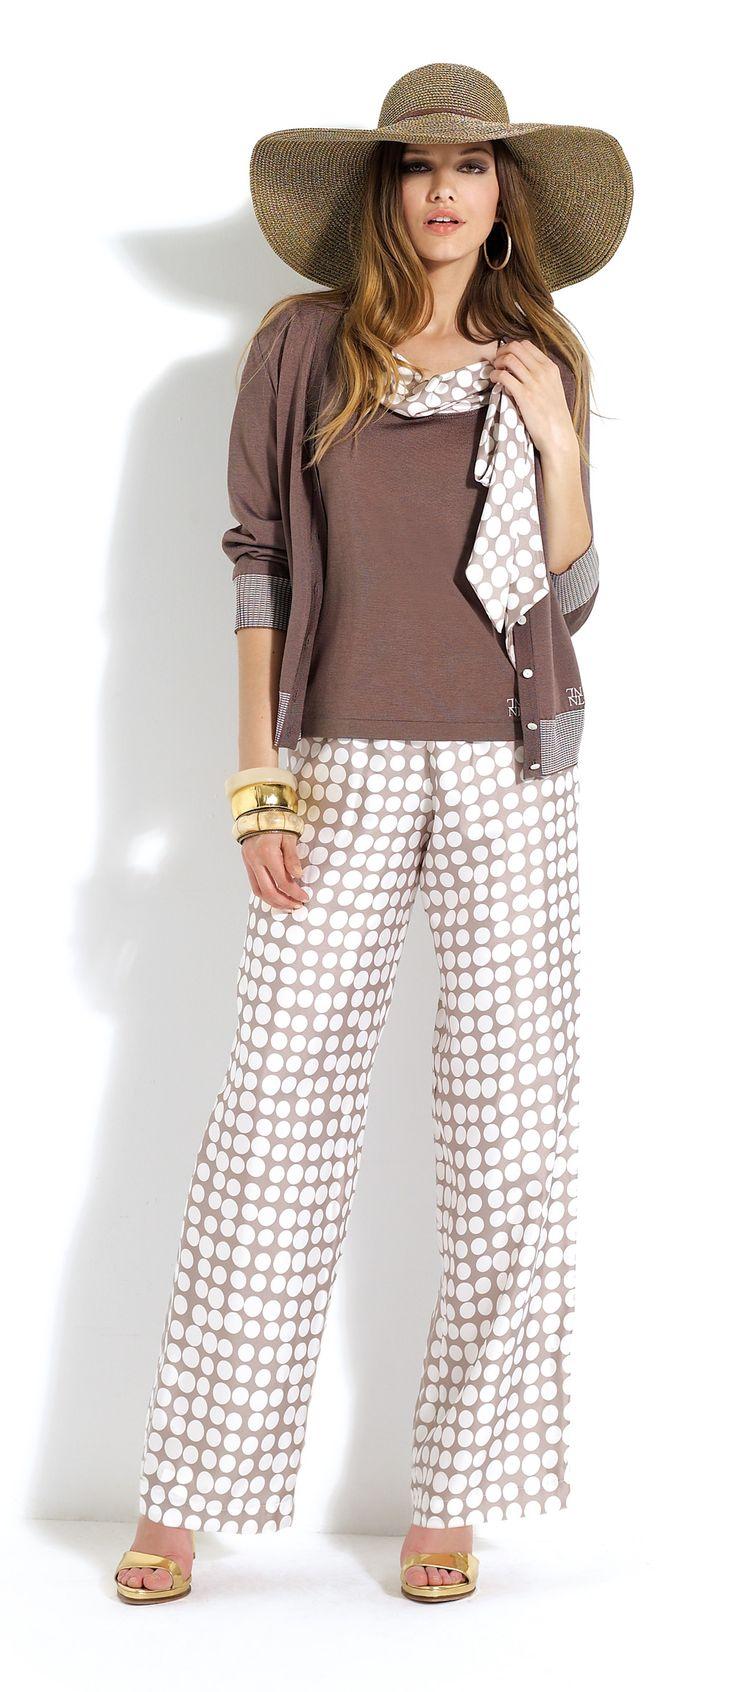 Pantalón de topos con jersey marrón y detalles similares al del pantalón #trousers #spots #white #brown